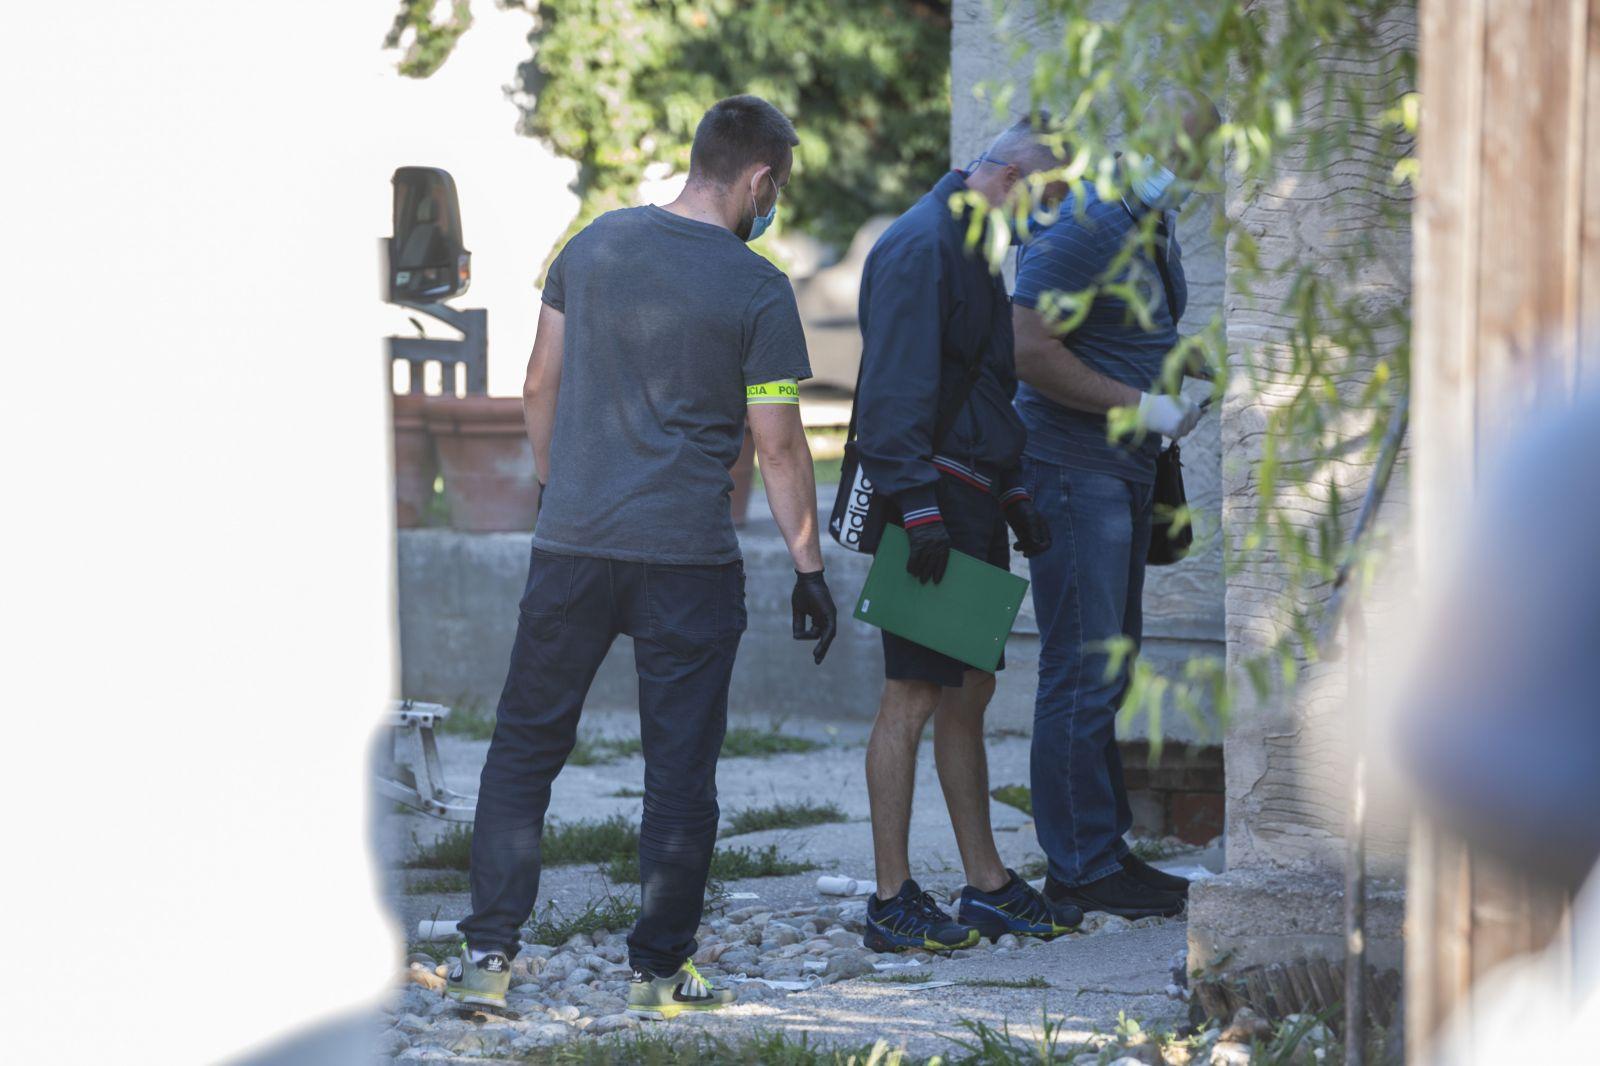 V Bratislave útočil 16-ročný mladík. Jeho rodina skončila v nemocnici